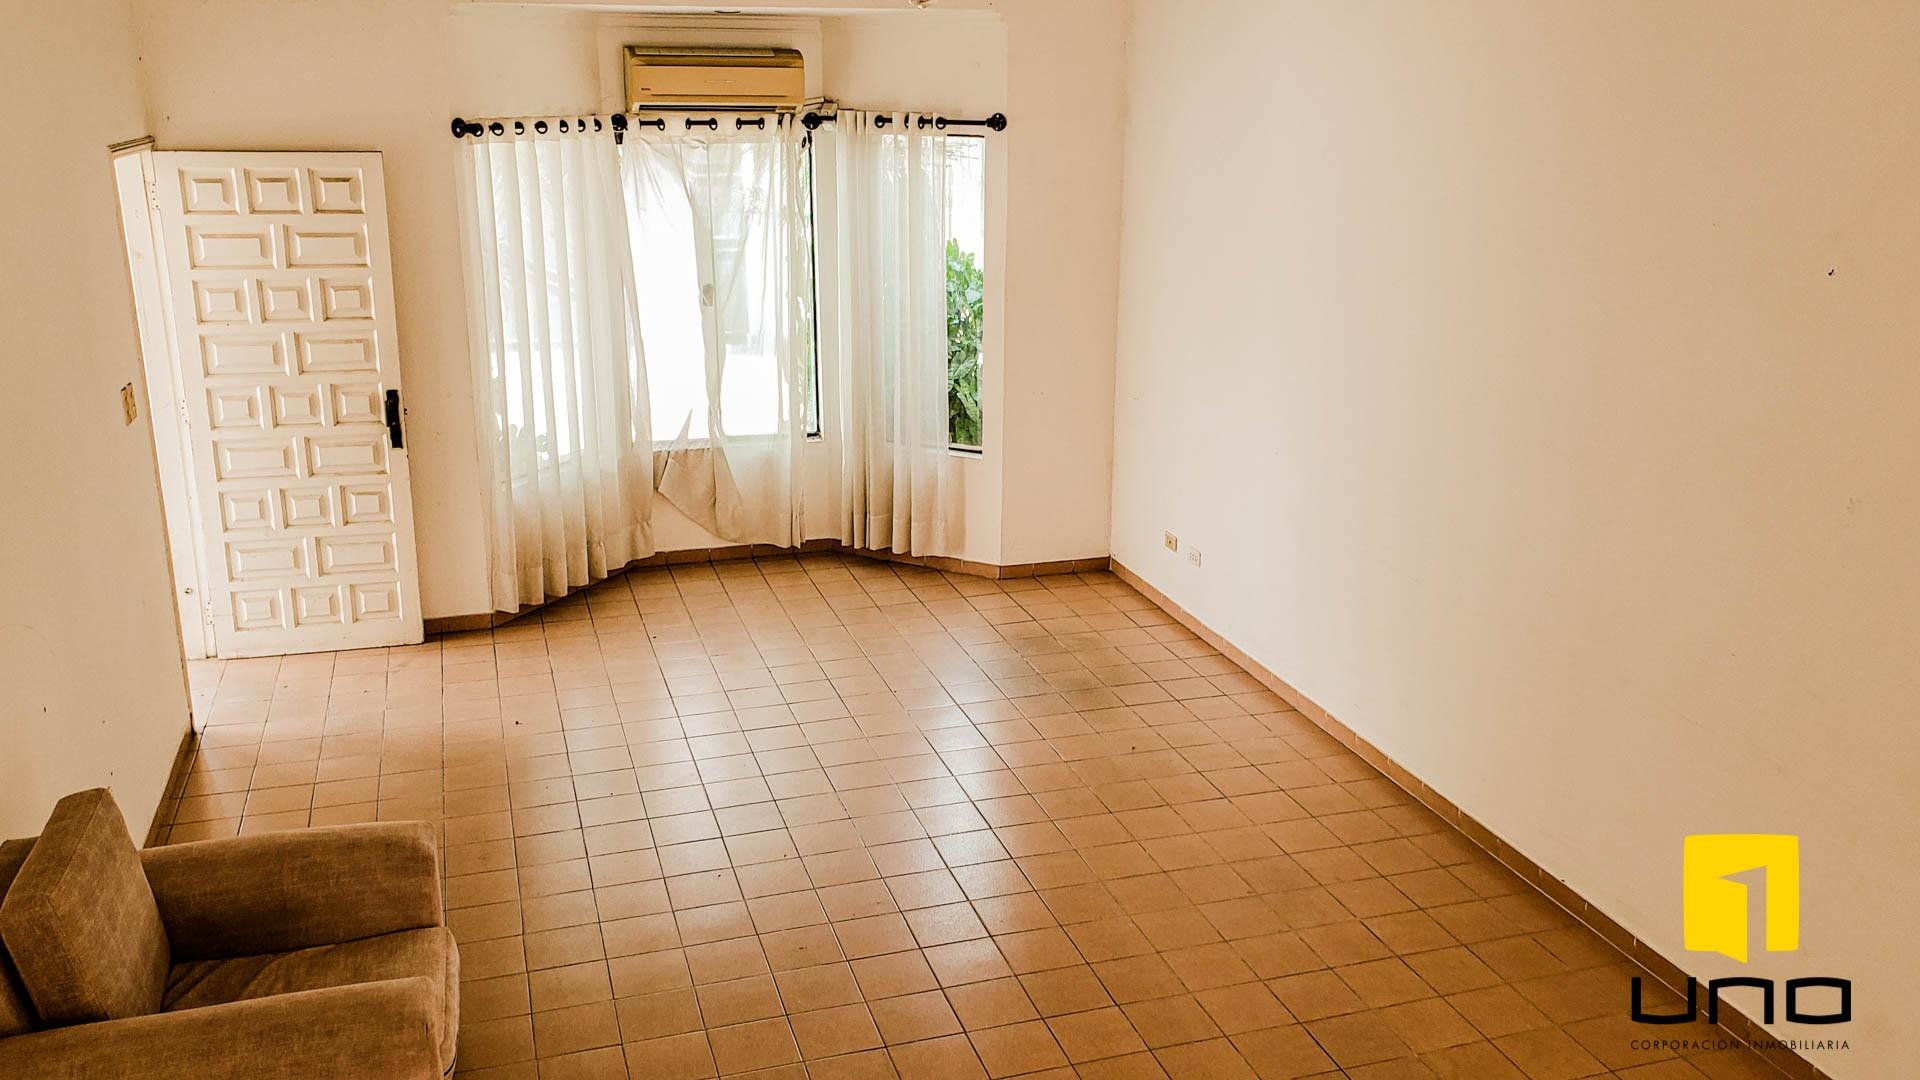 Casa en Venta $us 260.000 VENDO CASA BARRIO LAS PALMAS Foto 7